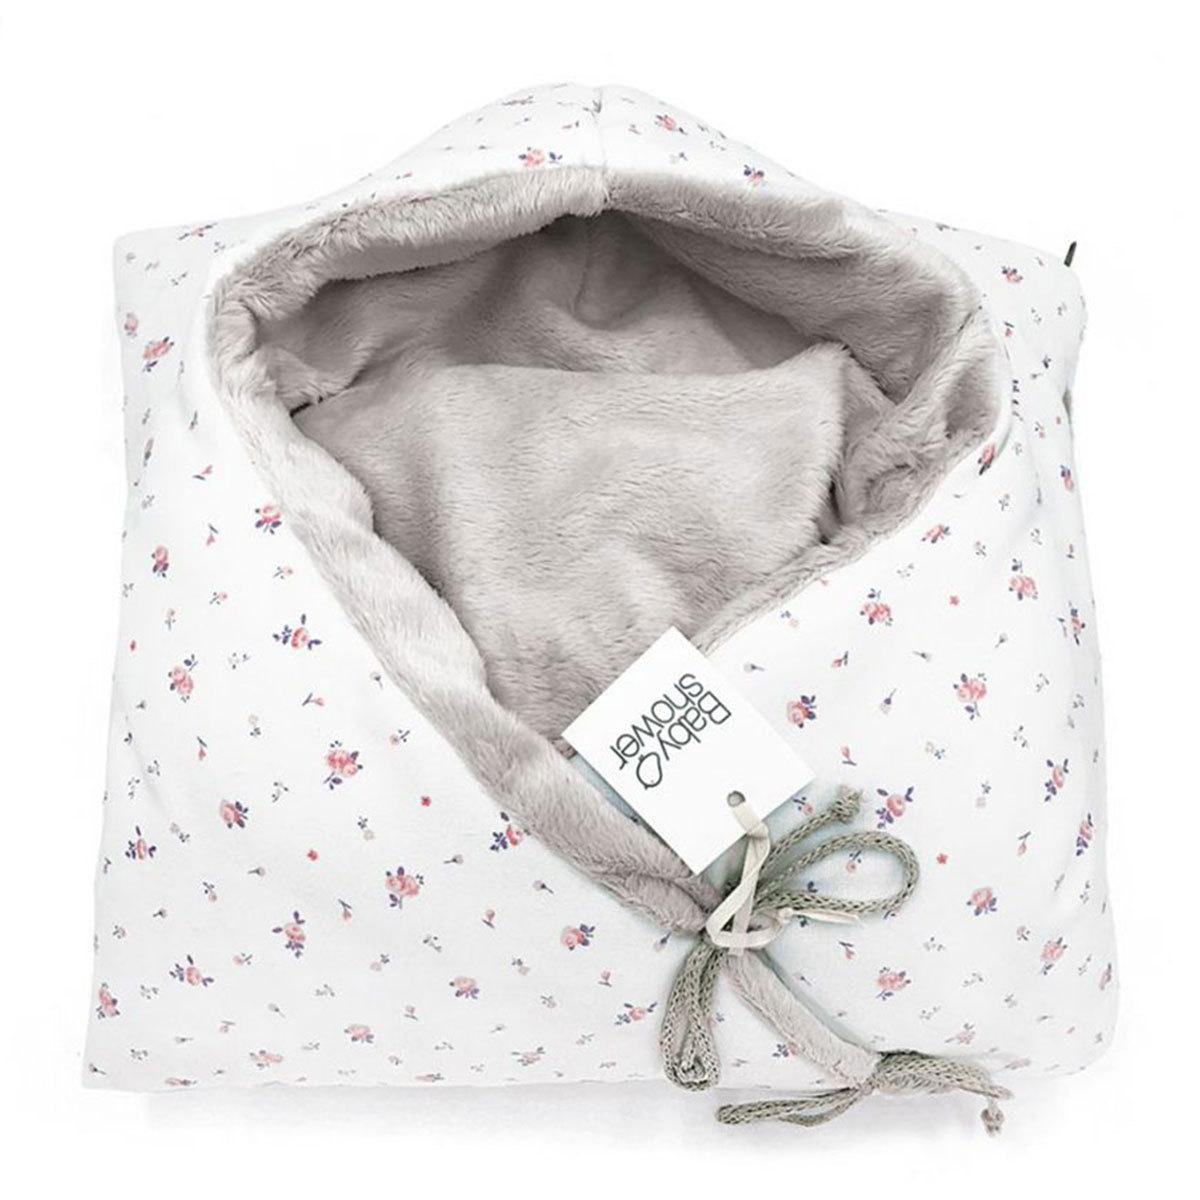 Chancelière nid d'ange en forme d'étoile pour tenir chaud à bébé lors de vos promenades en poussette